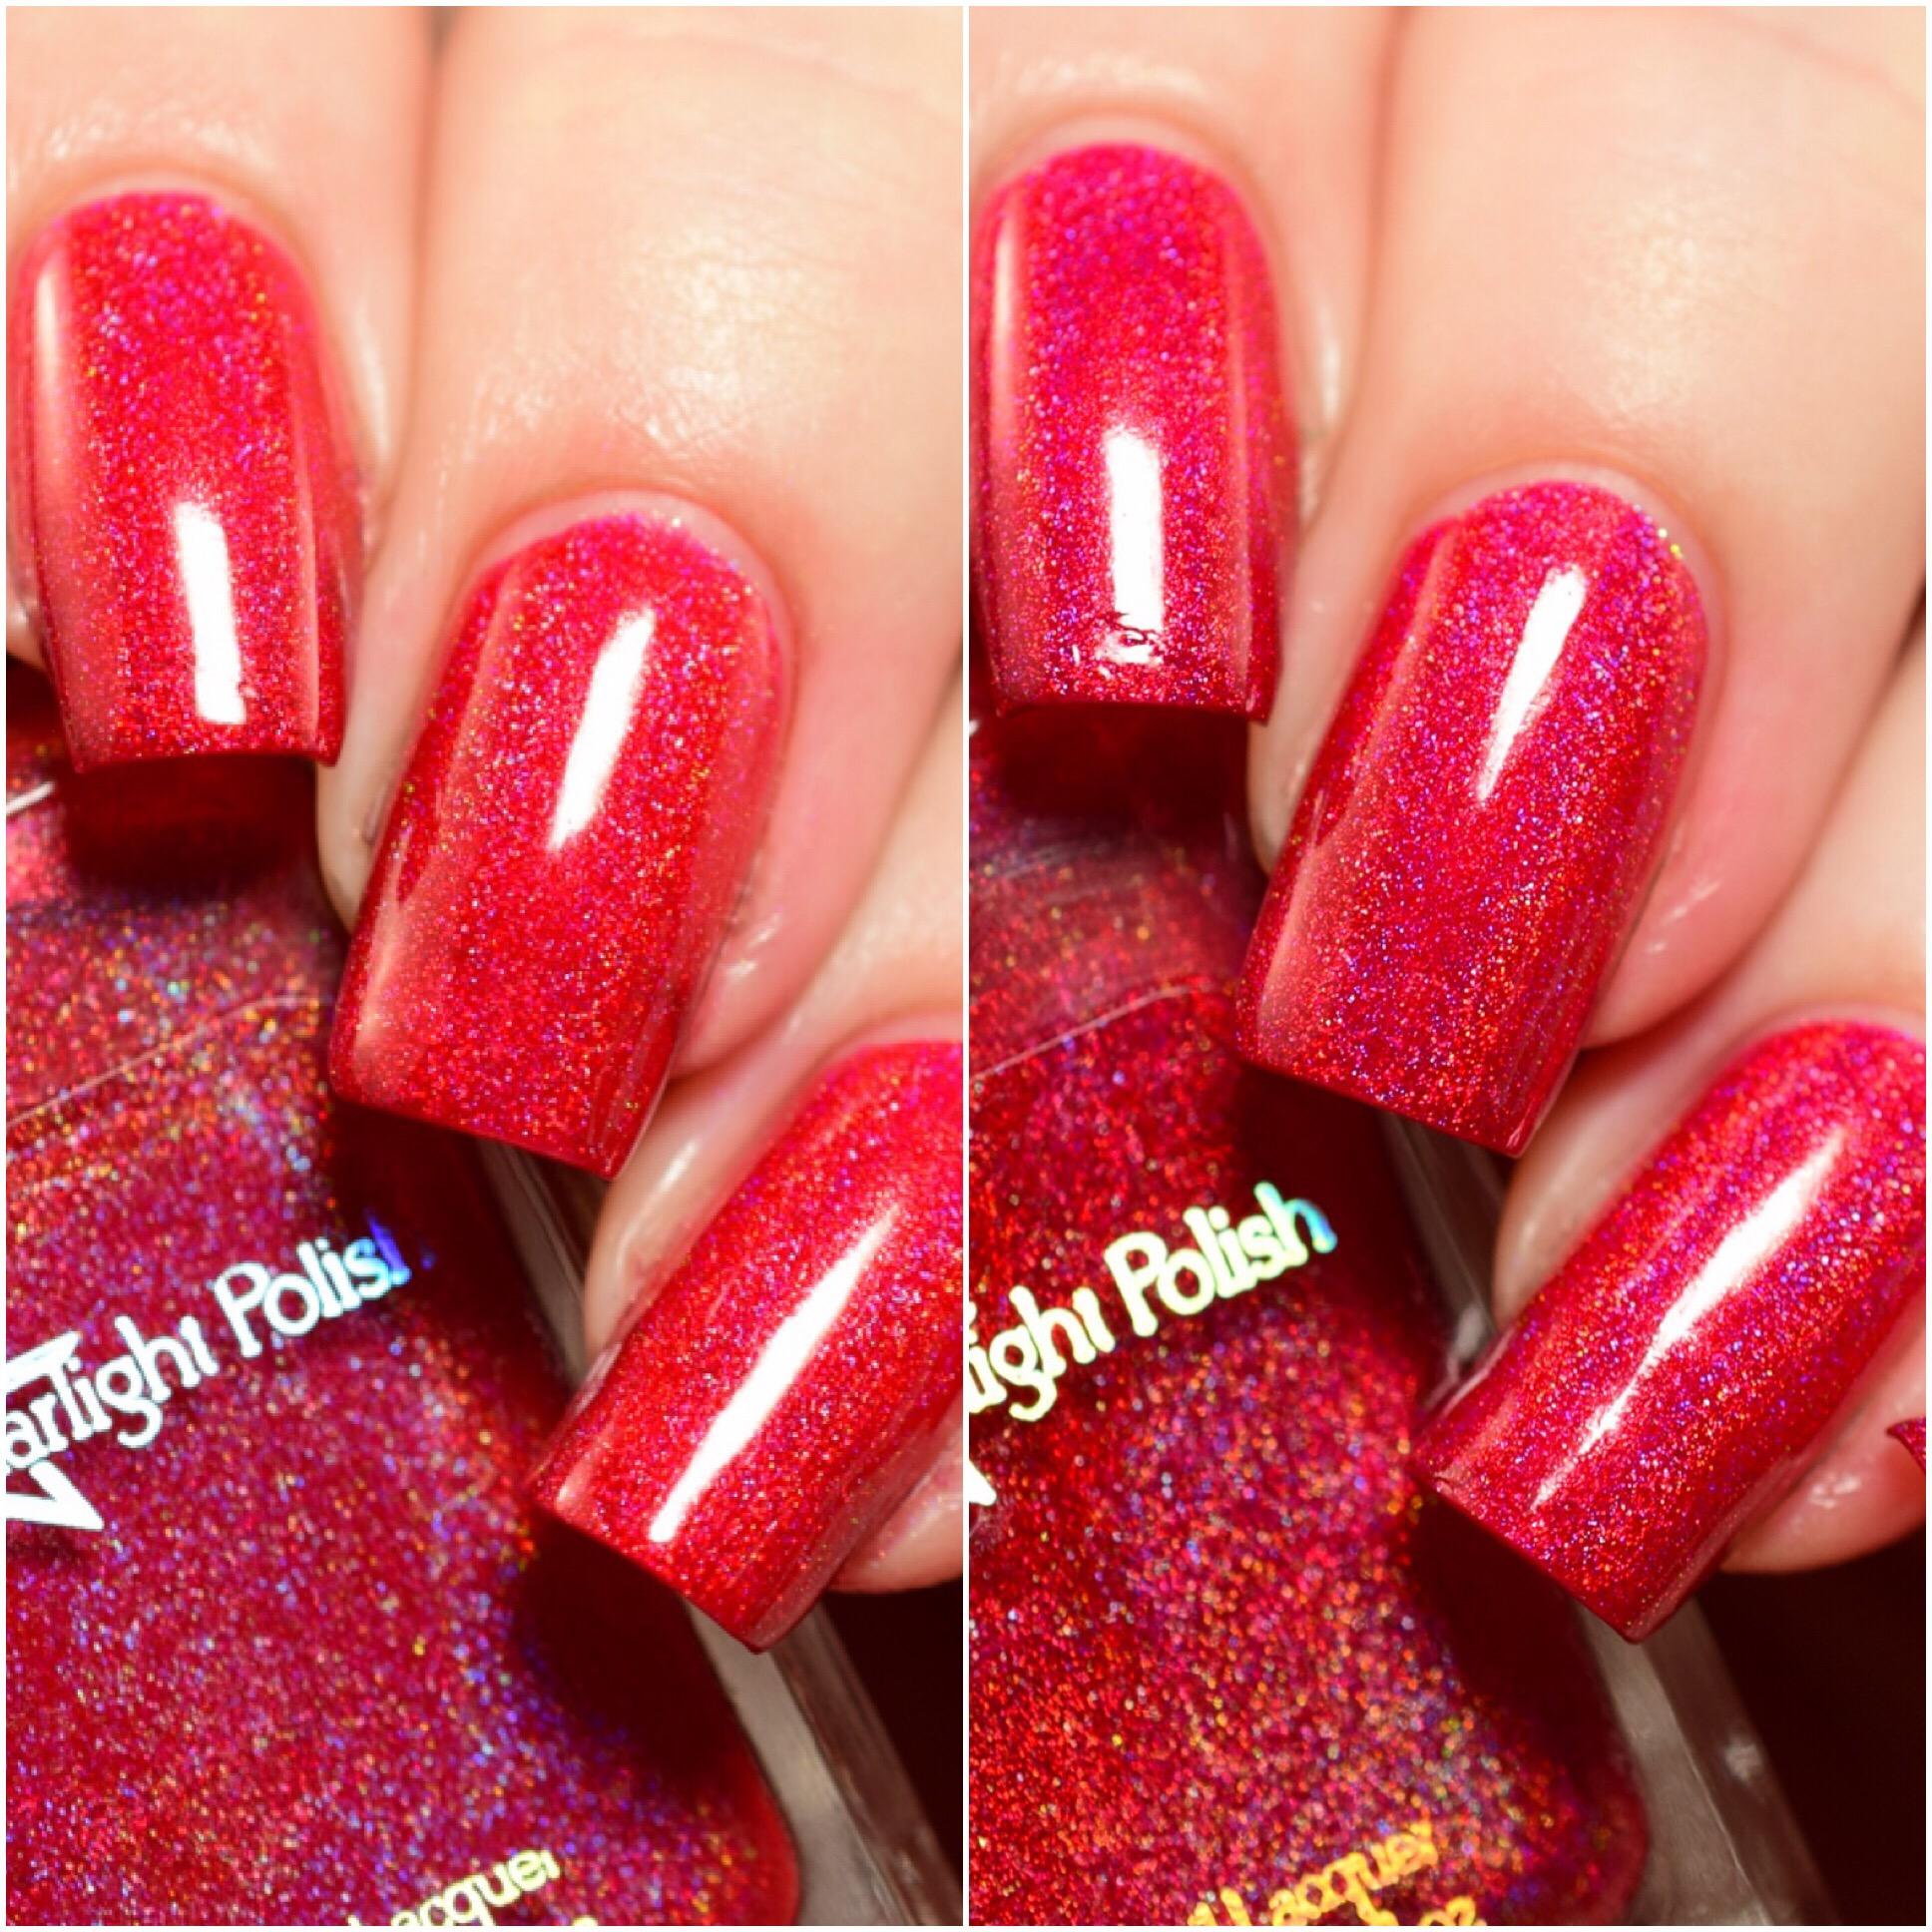 Starlight Polish Holly Berry vs Poinsettia